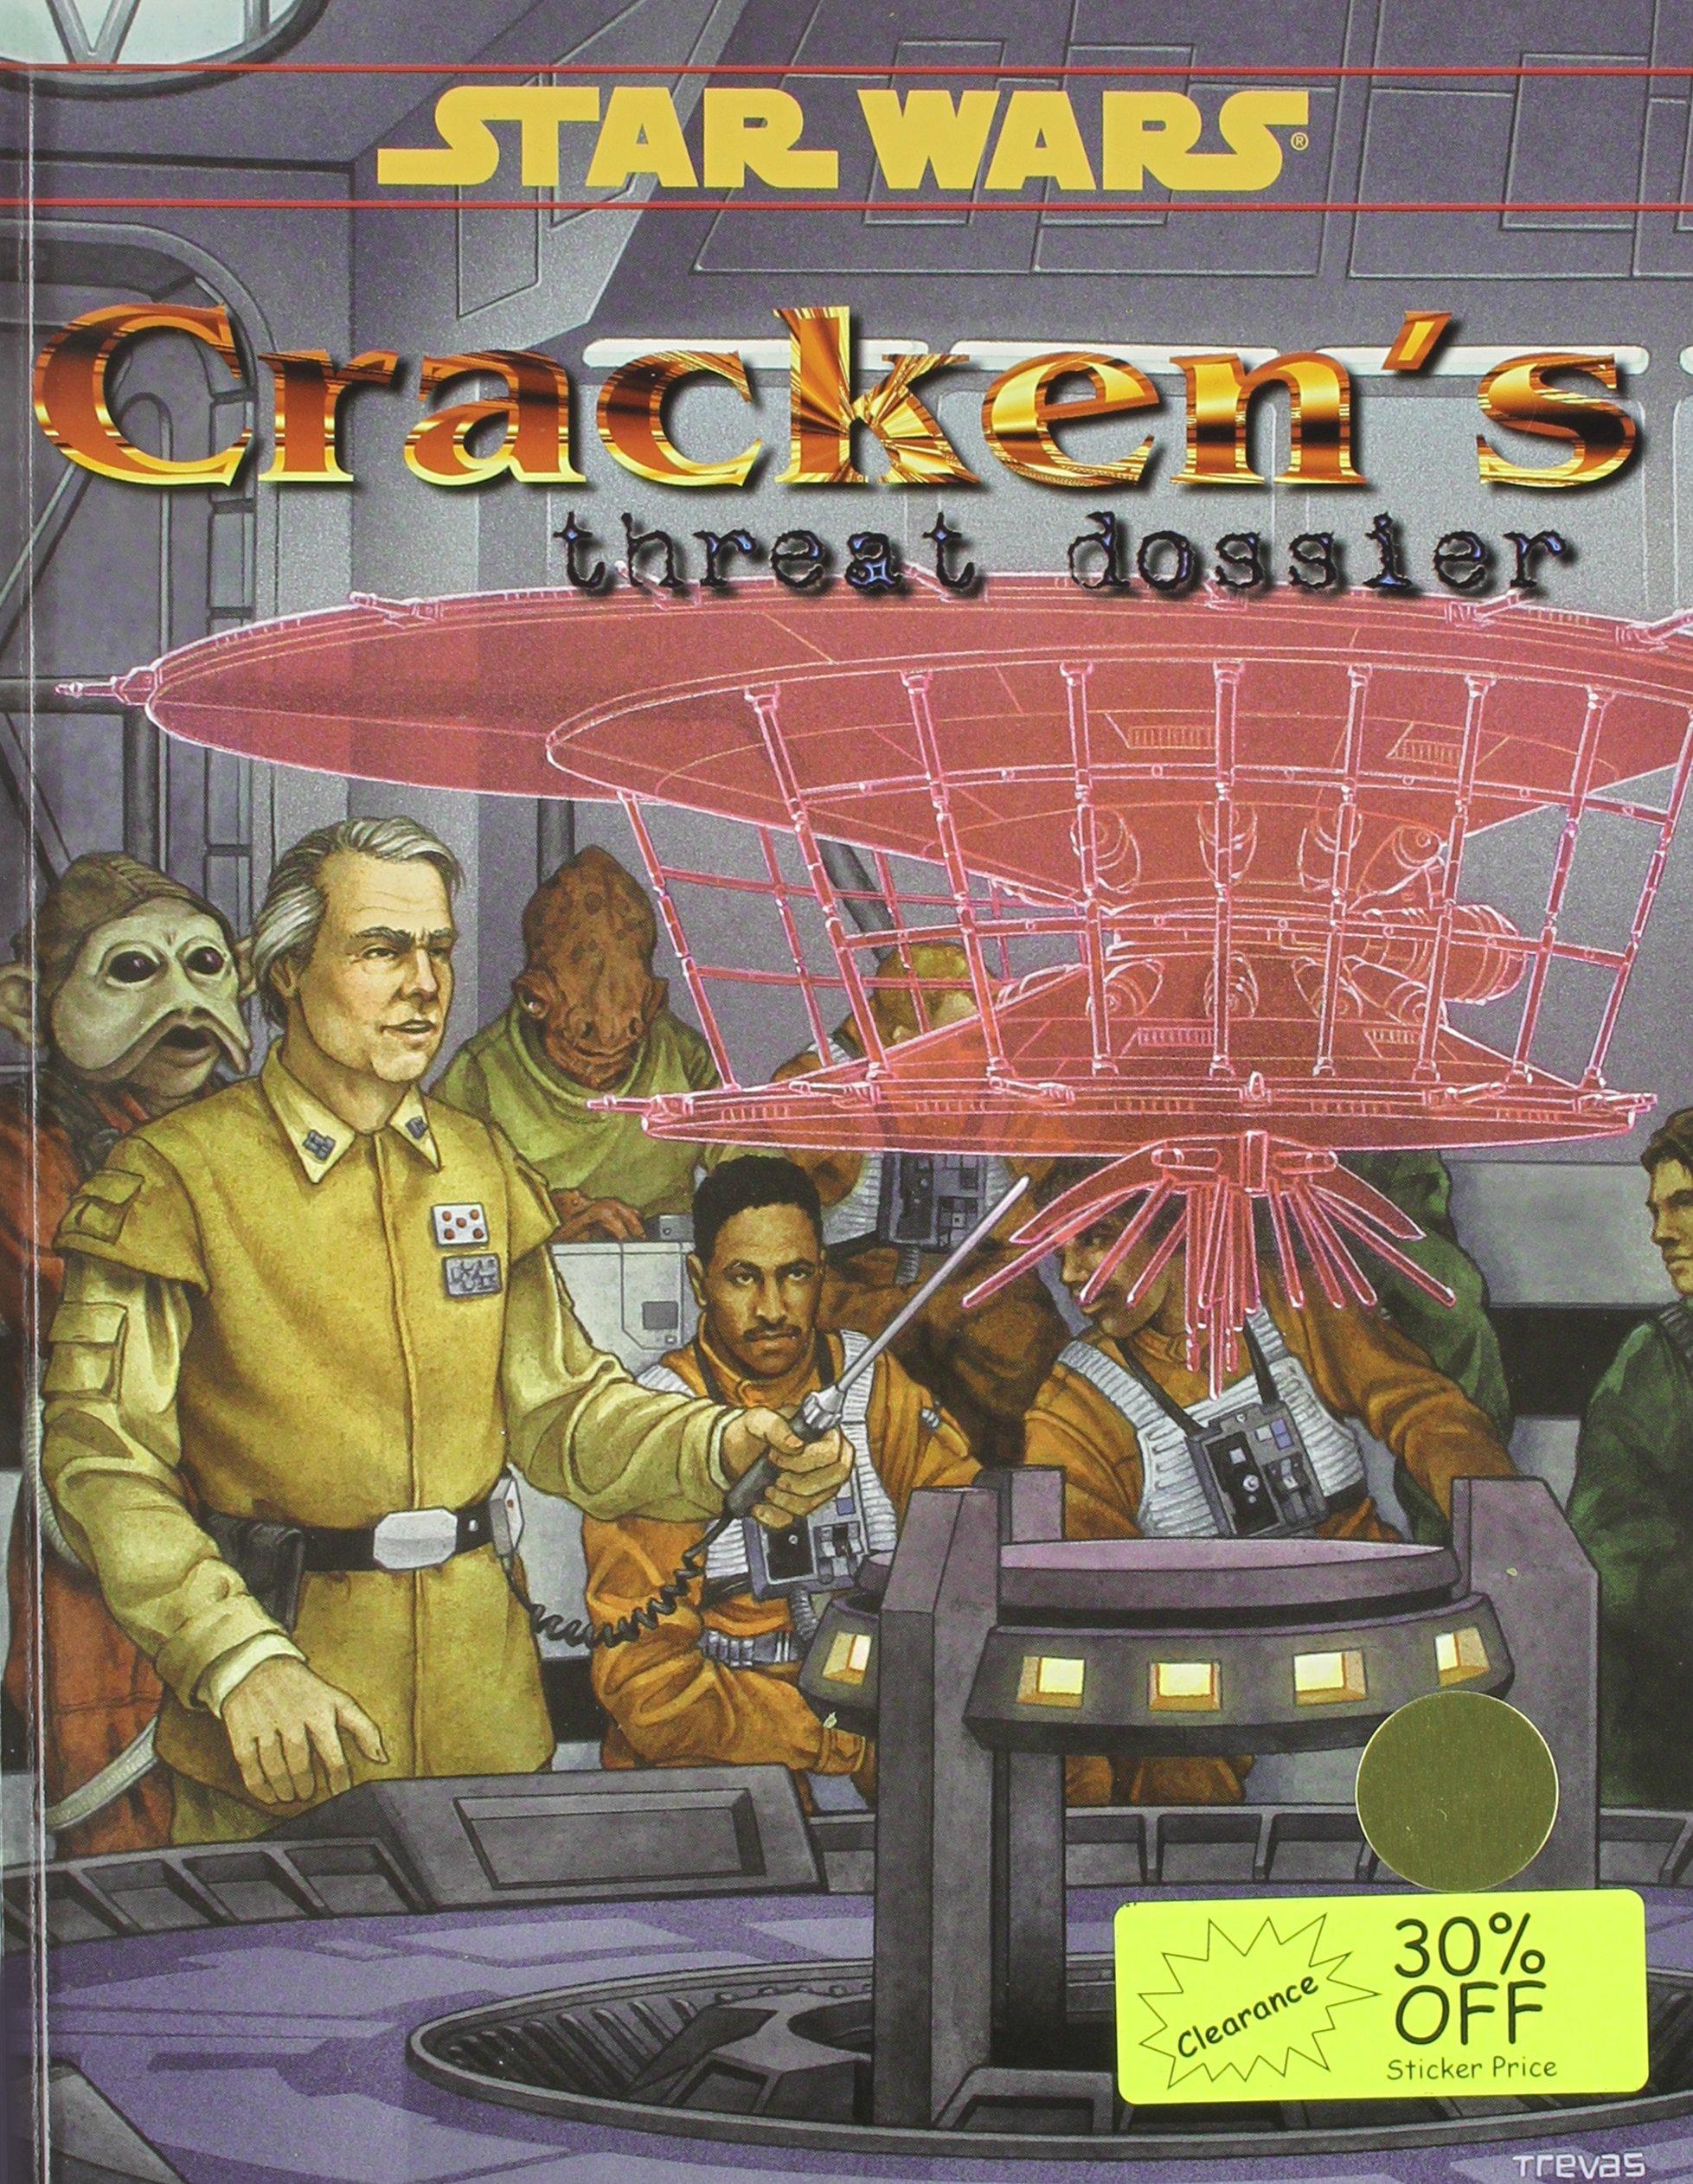 Star Wars: Cracken's Threat Dossier